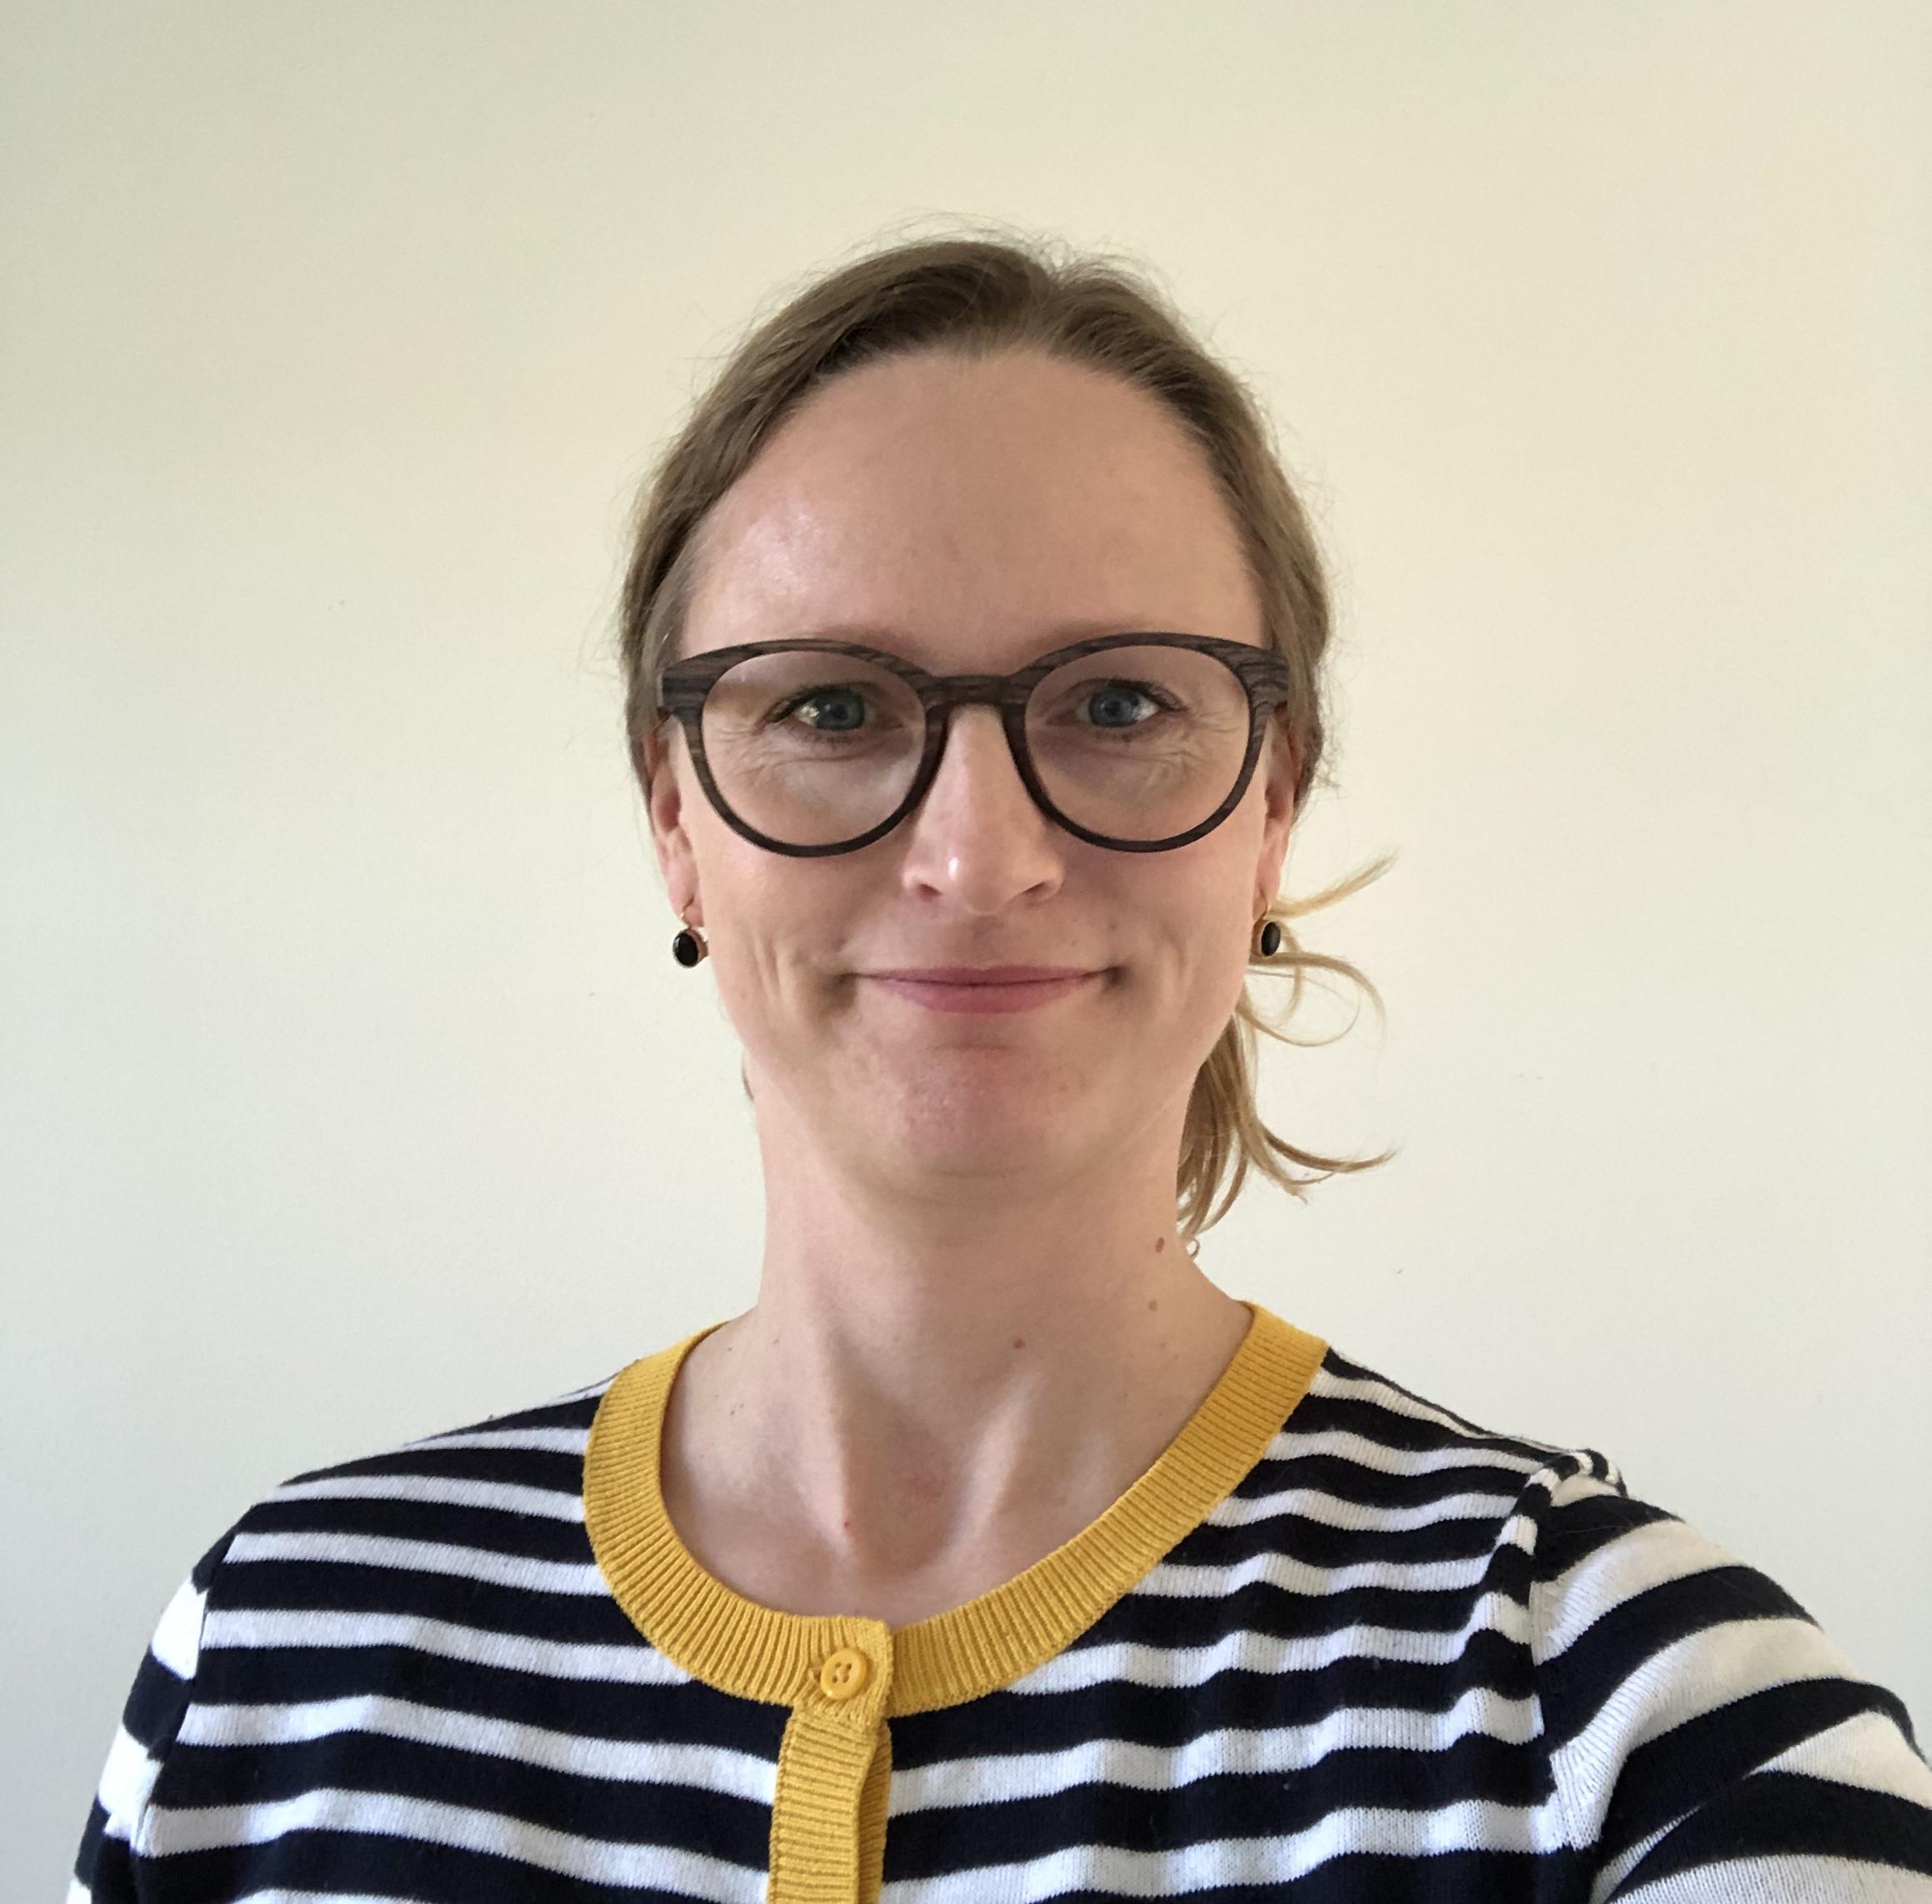 Lisa Fønss Rasmussen